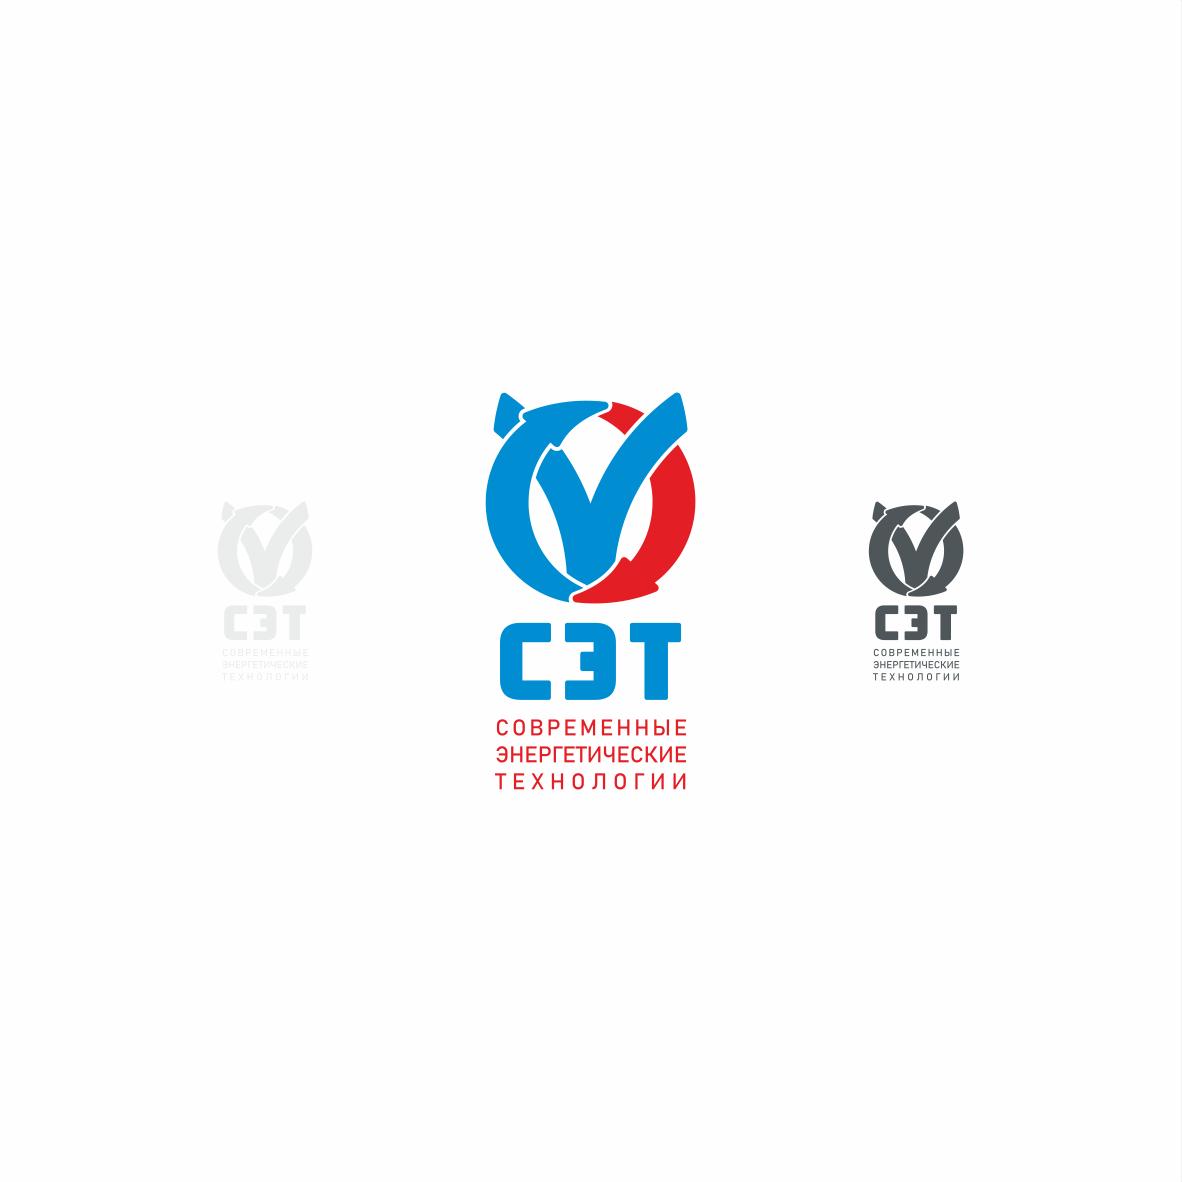 Срочно! Дизайн логотипа ООО «СЭТ» фото f_4415d4c0aa13b279.png